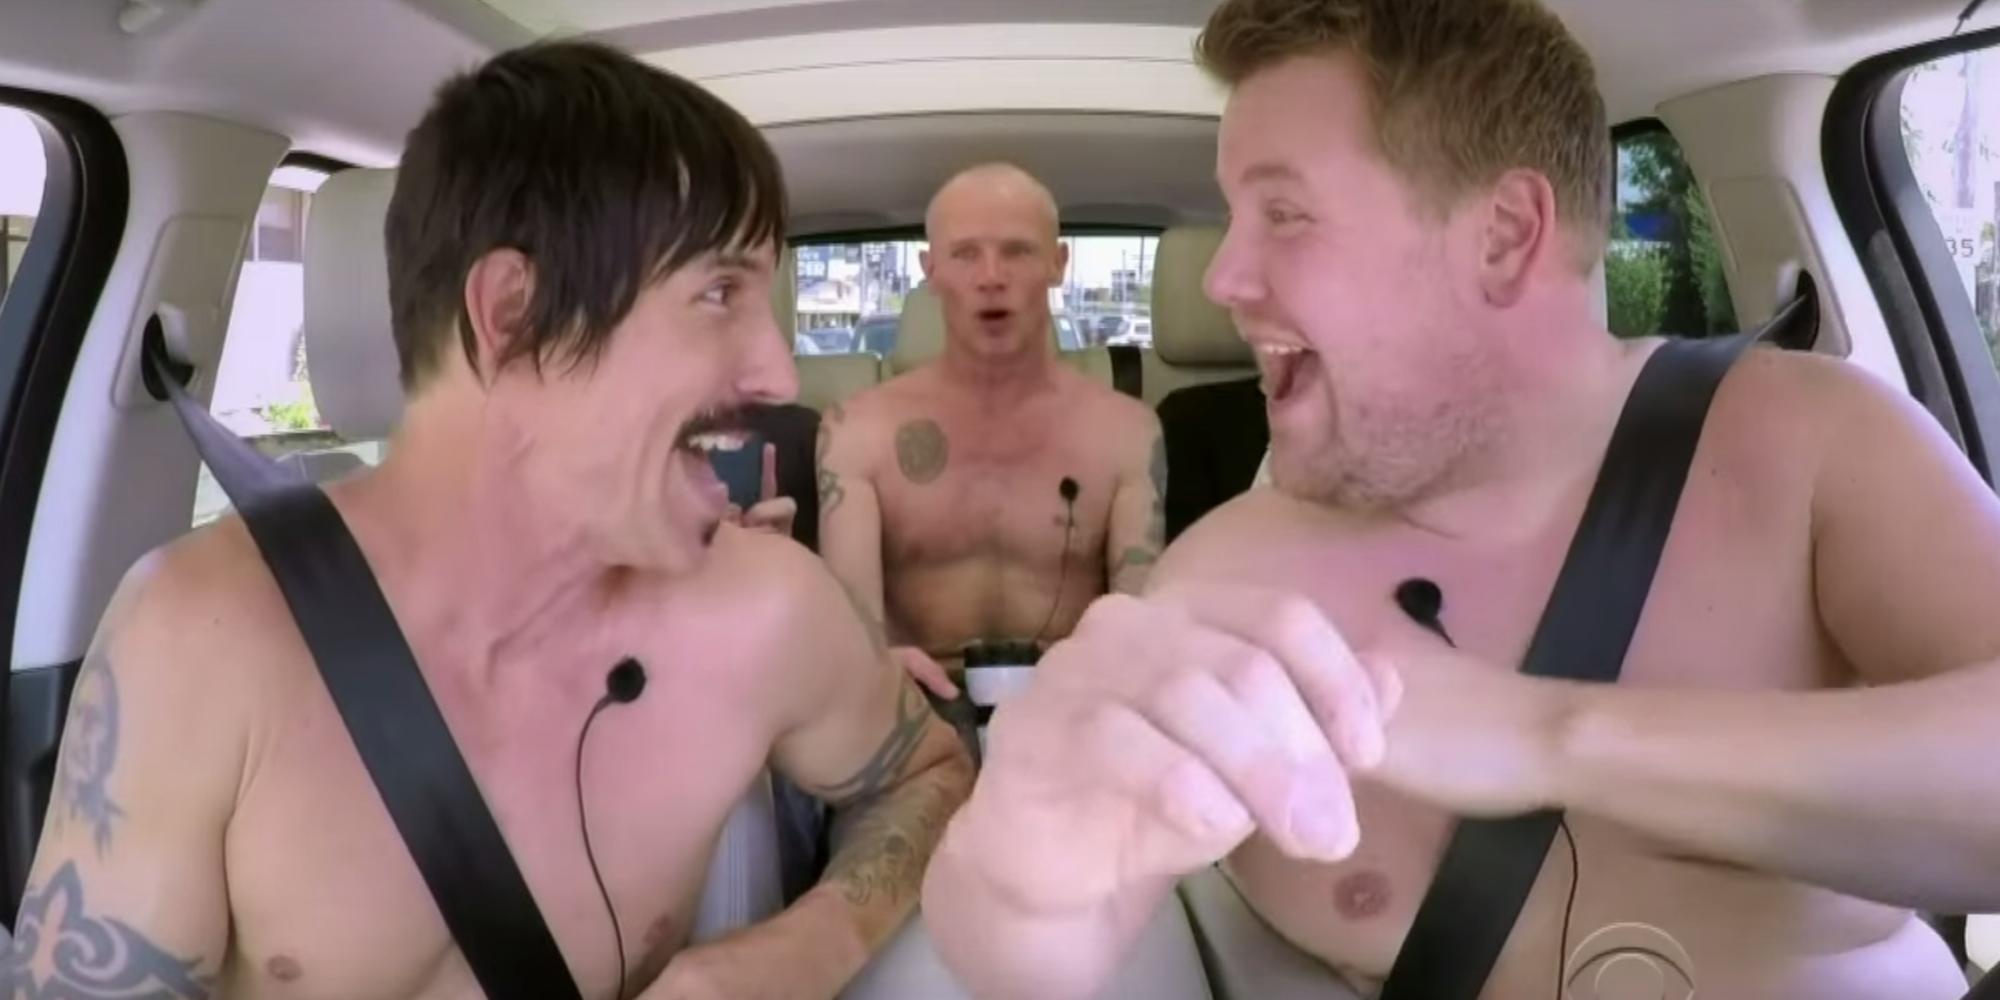 Red Hot Chili Peppers senza veli in macchina con Corden